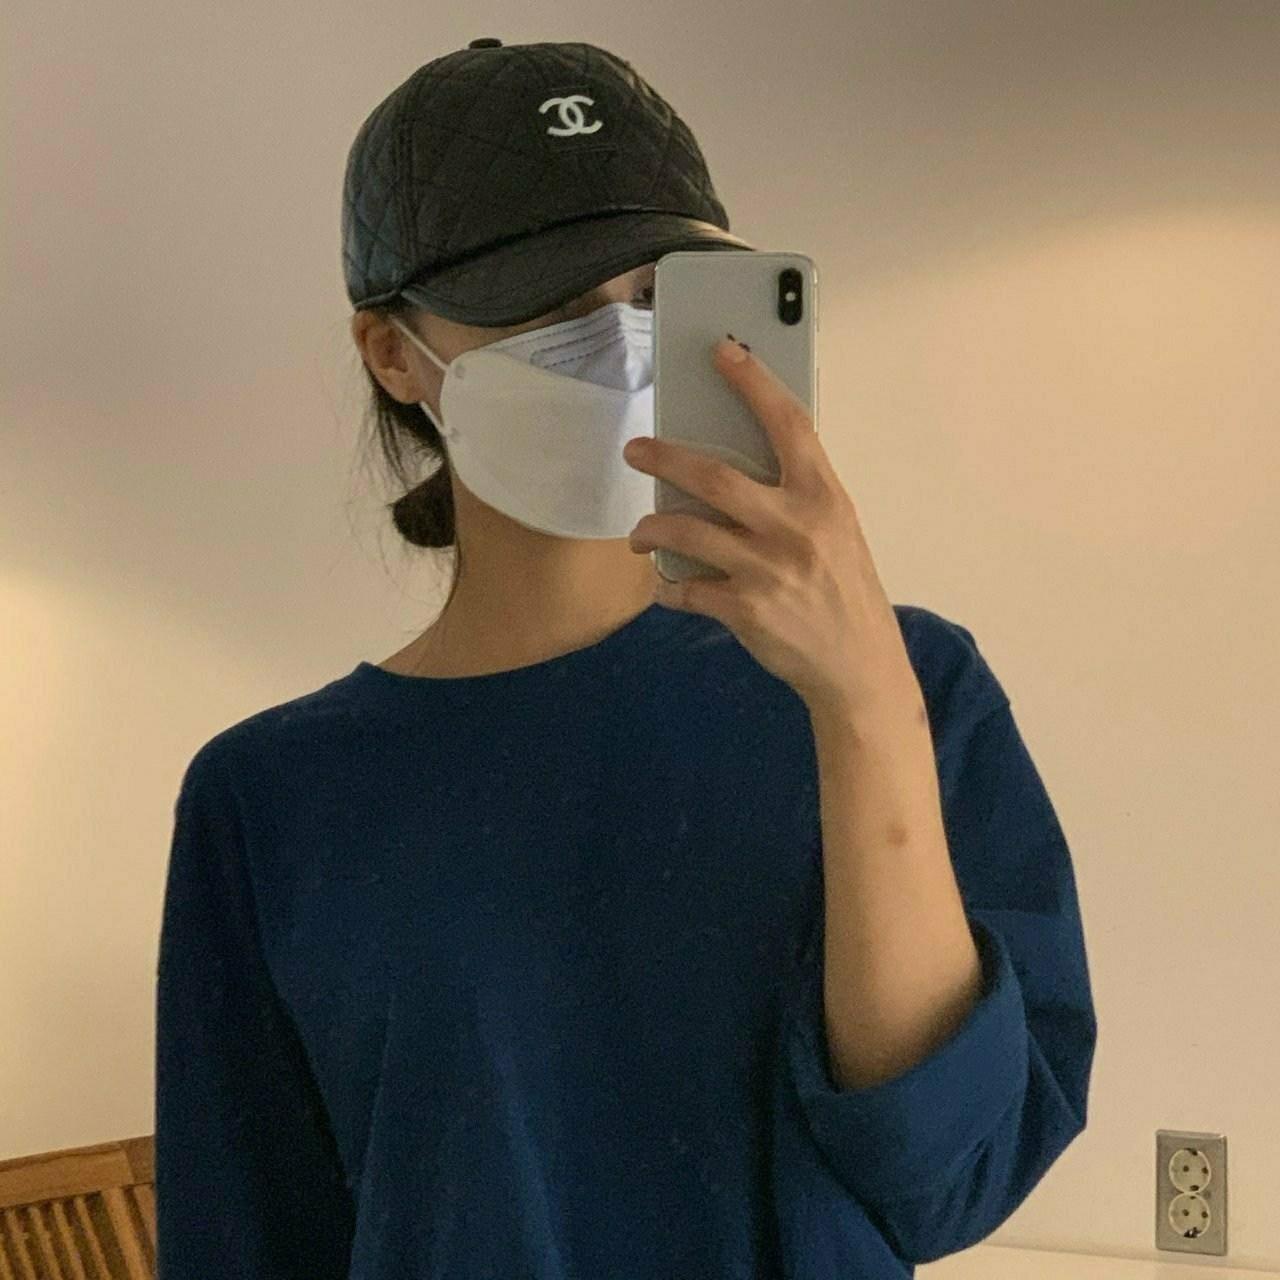 마리아몰 [샤넬]명품 모자 가죽 볼캡